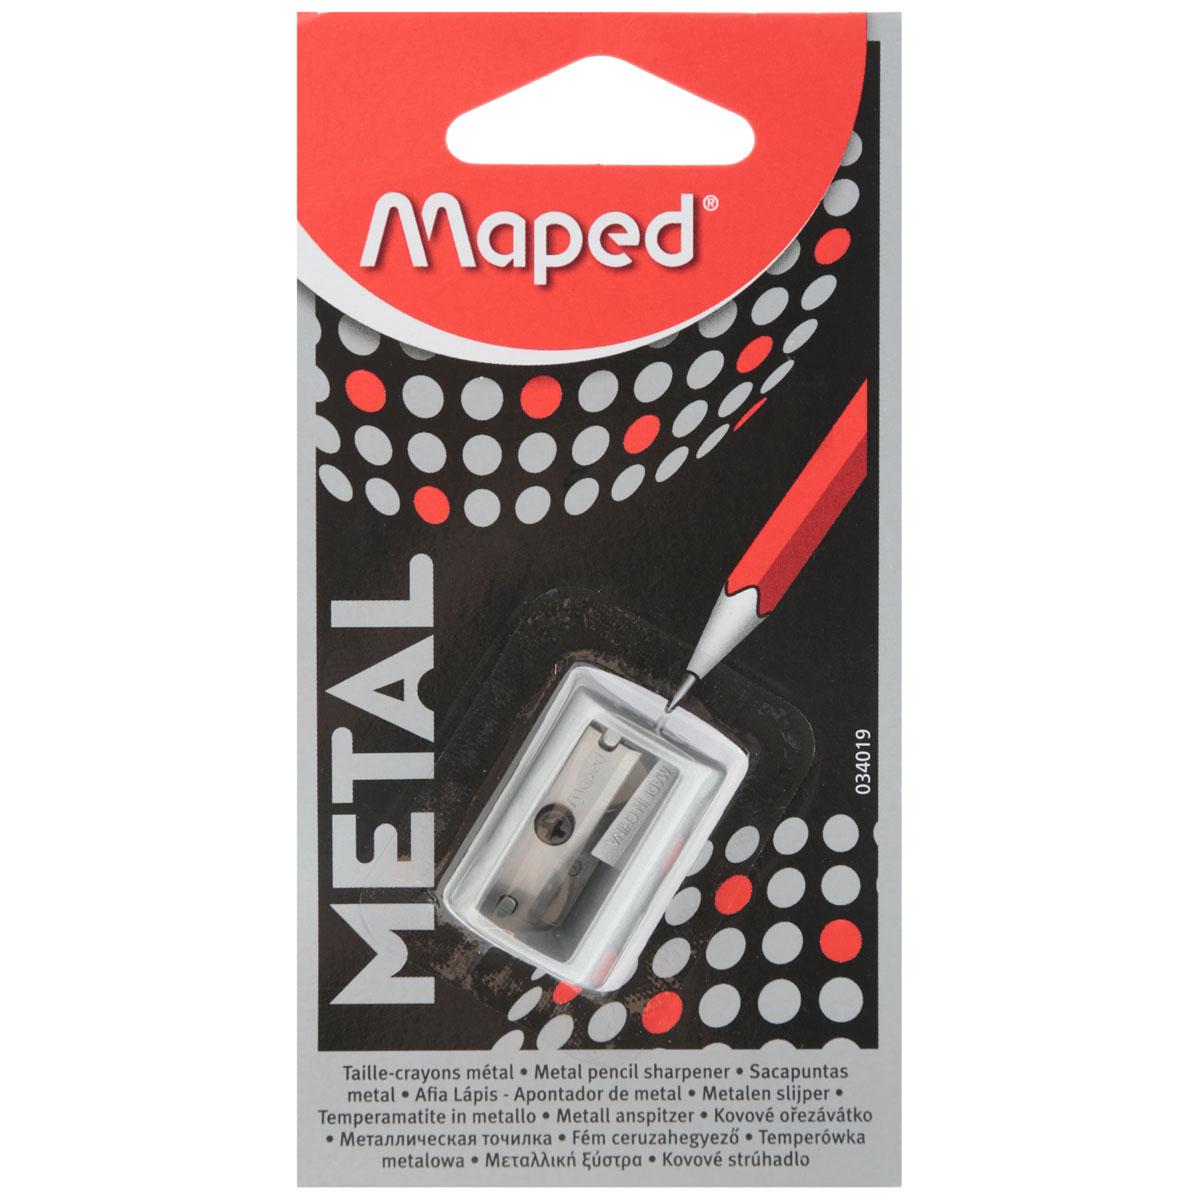 Точилка Maped Satellite, цвет: серый34019_серыйТочилка Maped Satellite выполненная из металла в современном стильном дизайне. Точилка цилиндрической формы обеспечивает лёгкое равномерное затачивание. Компактная и удобная на одно отверстие, без контейнера для сбора стружки.